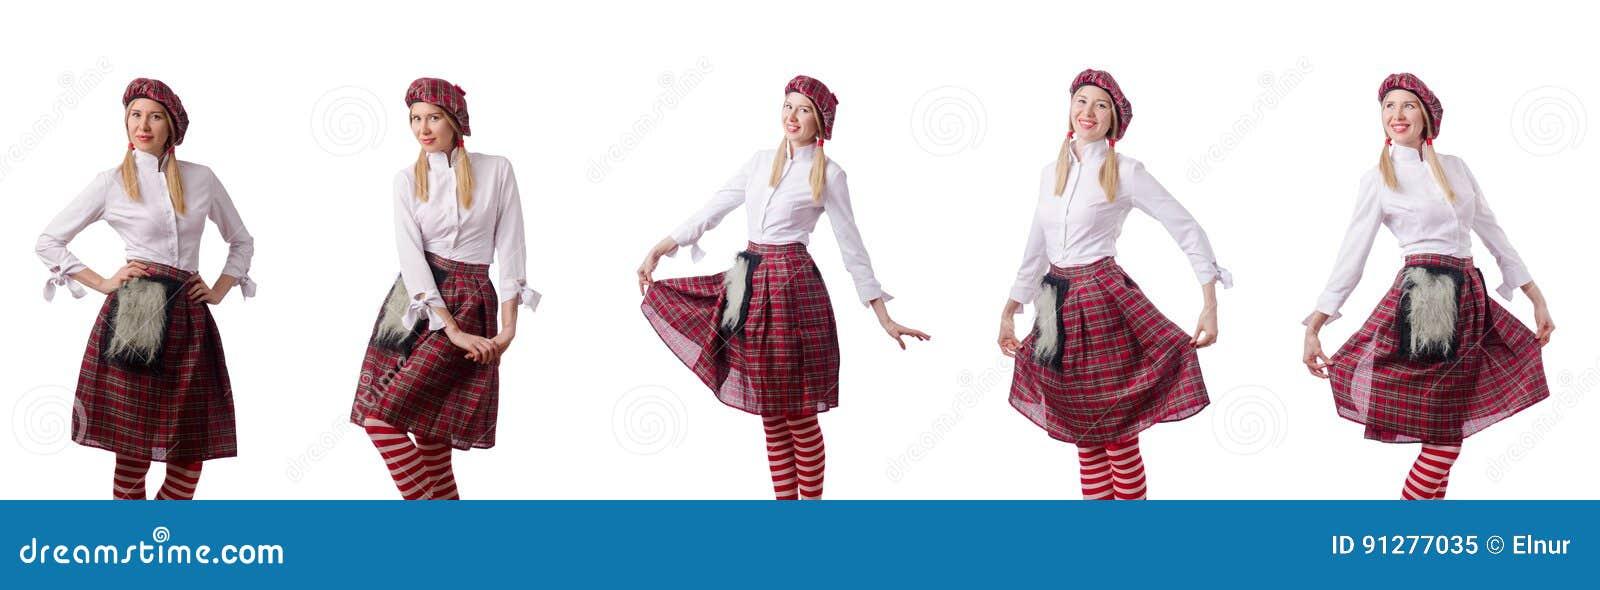 Kvinnan i traditionella skotska kläder